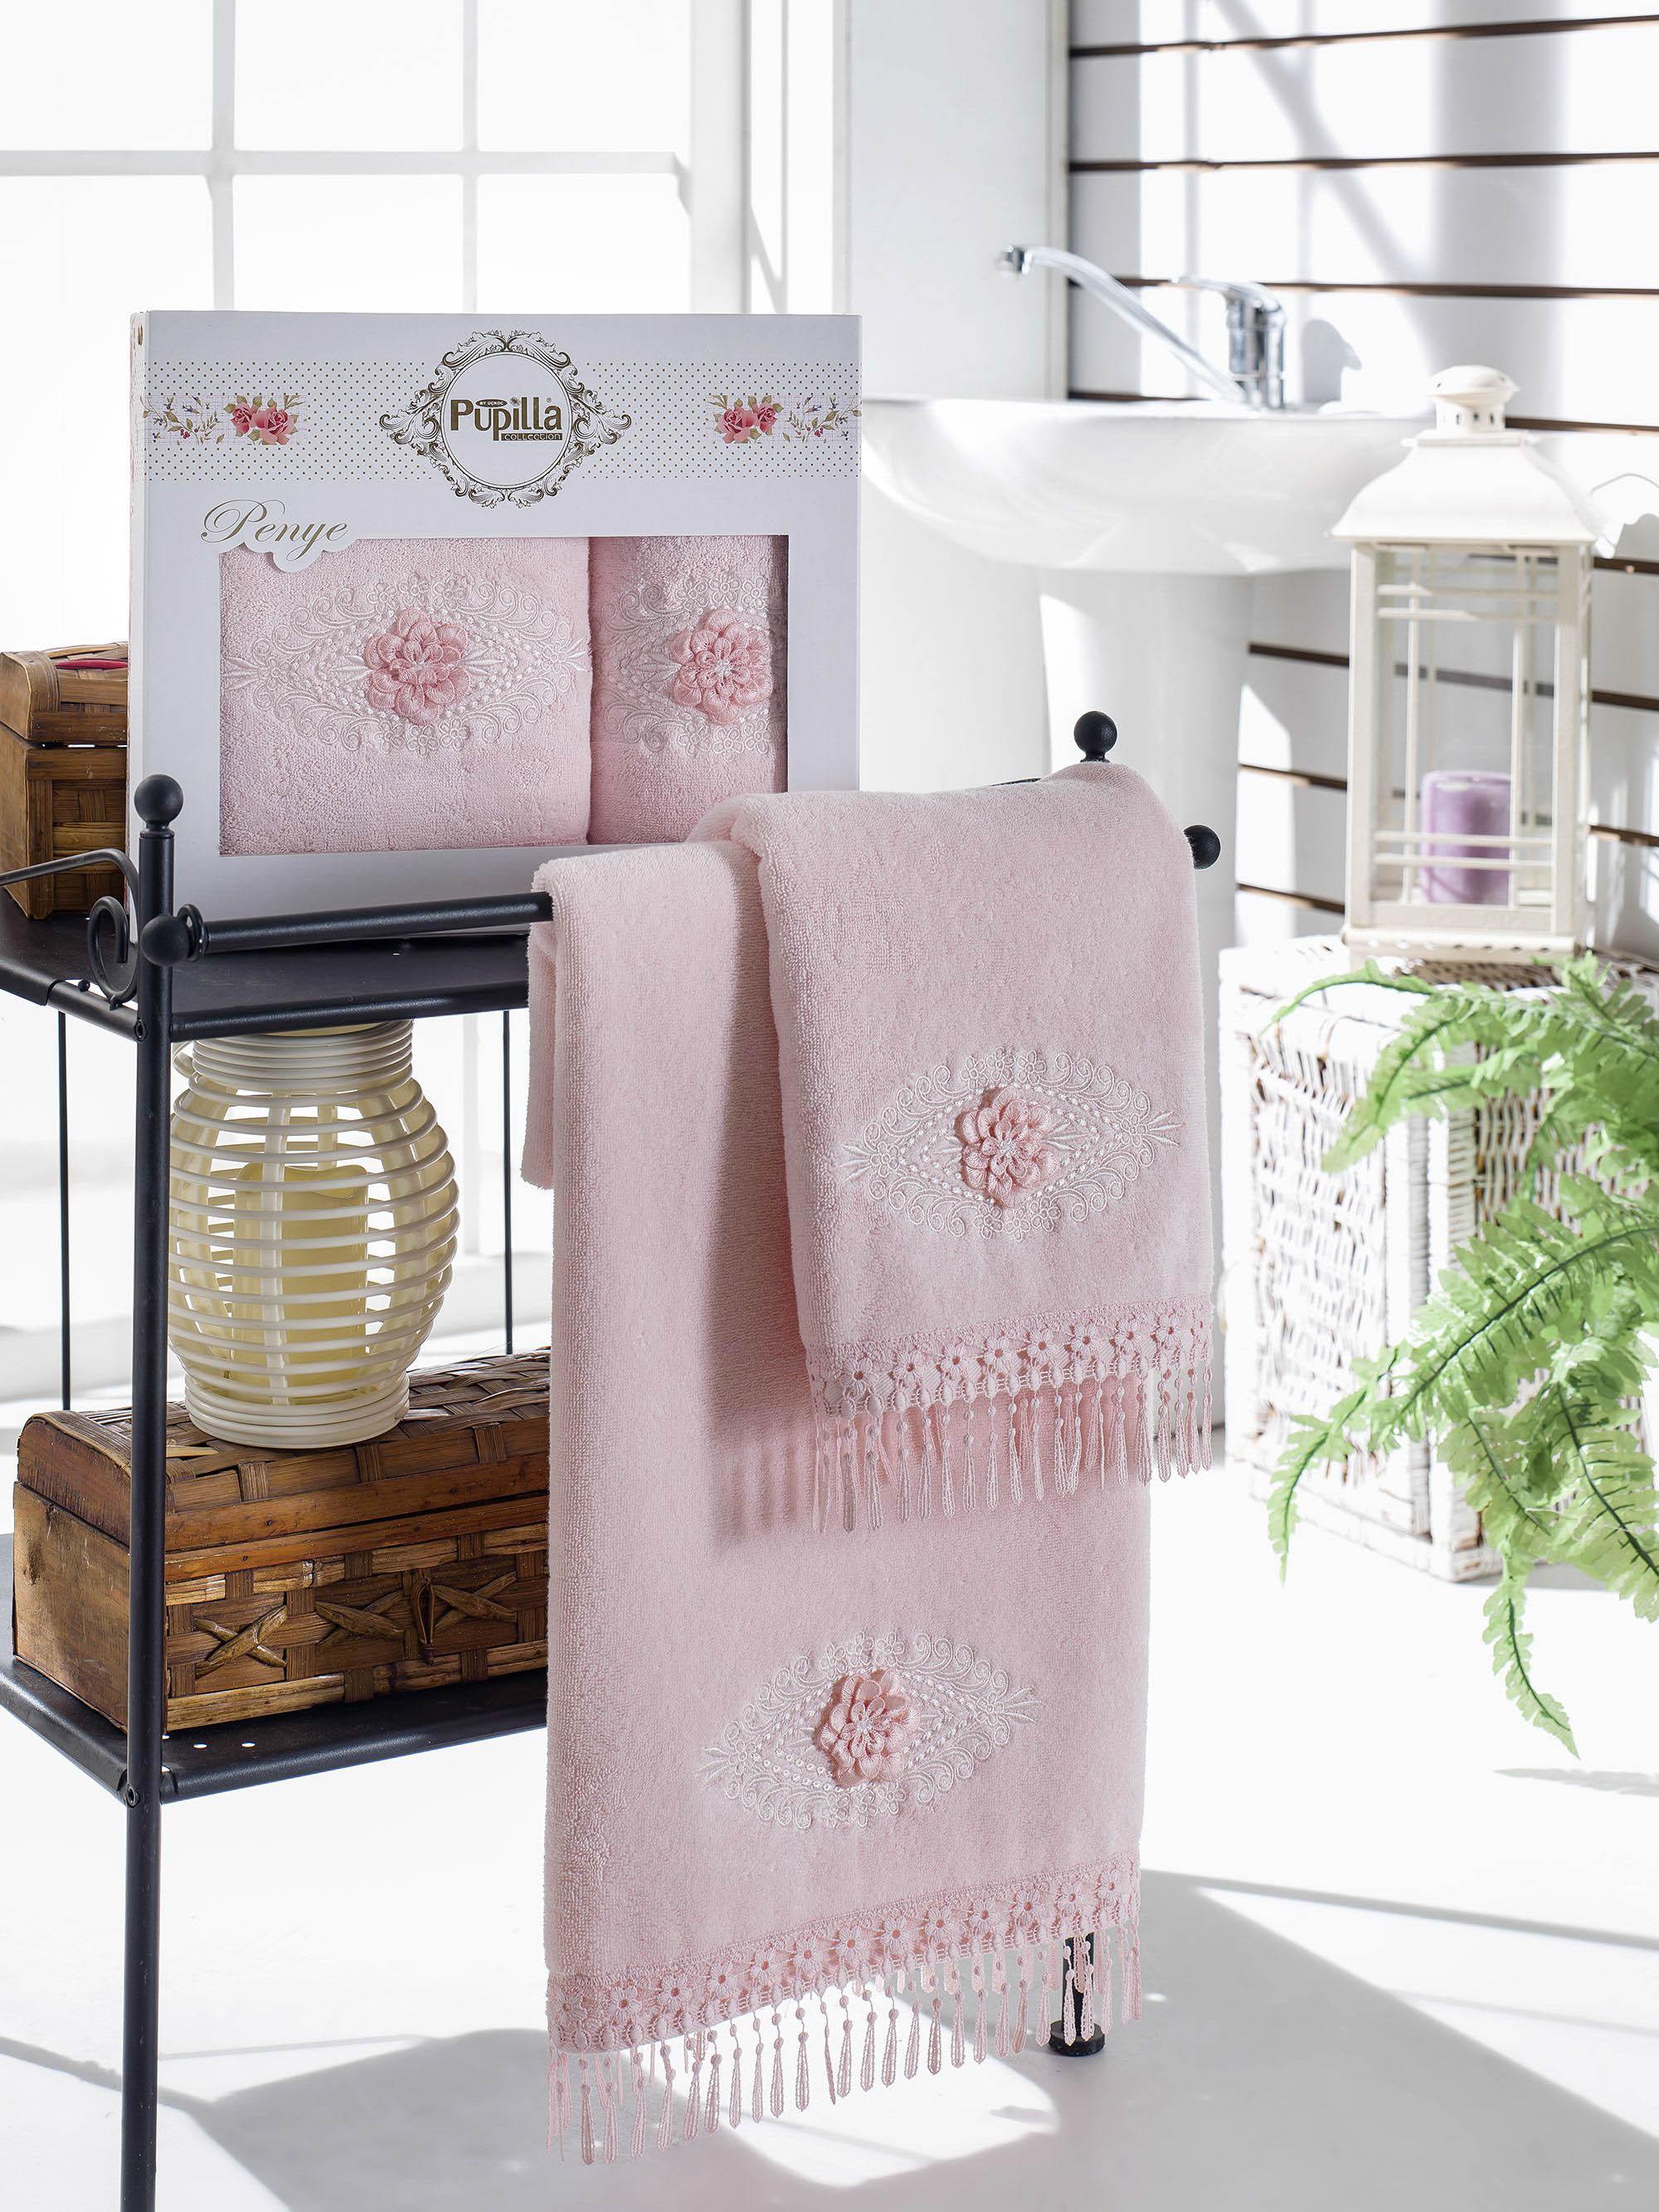 Полотенца Pupilla Набор из 2 полотенец Stil Цвет: Розовый полотенца pupilla набор из 2 полотенец stil цвет кремовый